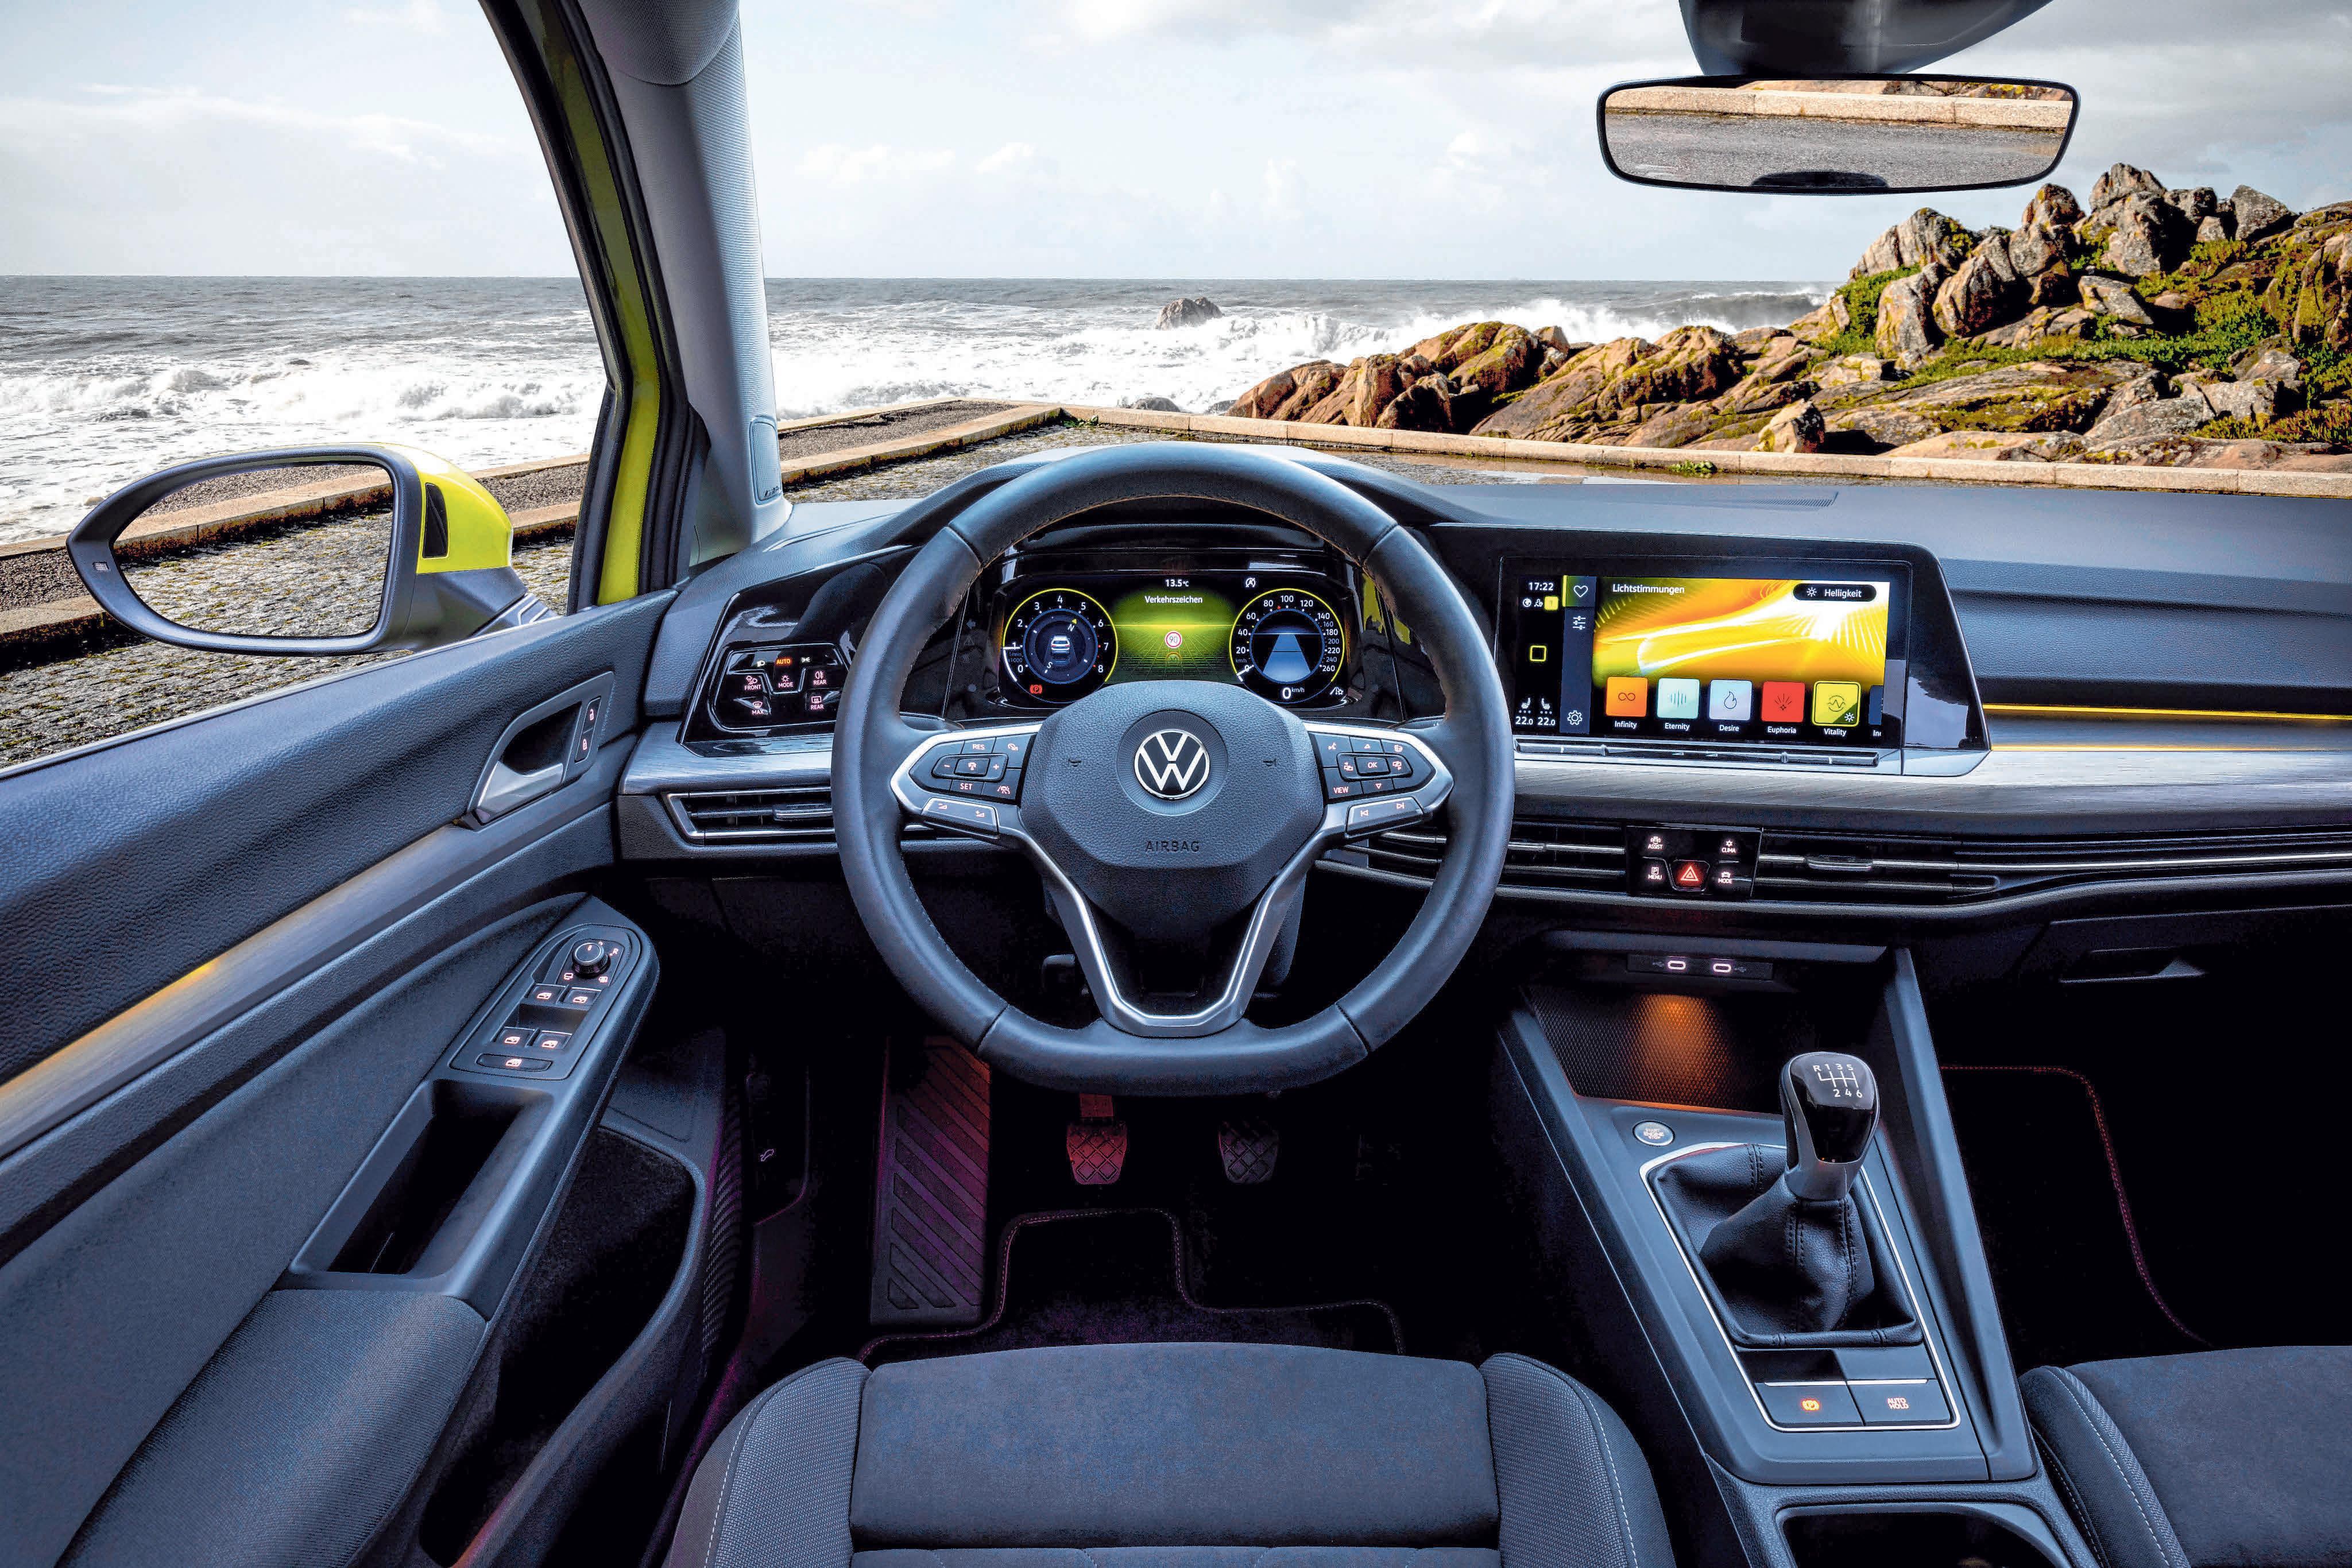 Das Cockpit ist des neuen Golf ist klarer, übersichtlicher, komplett digitalisiert und online vernetzt.